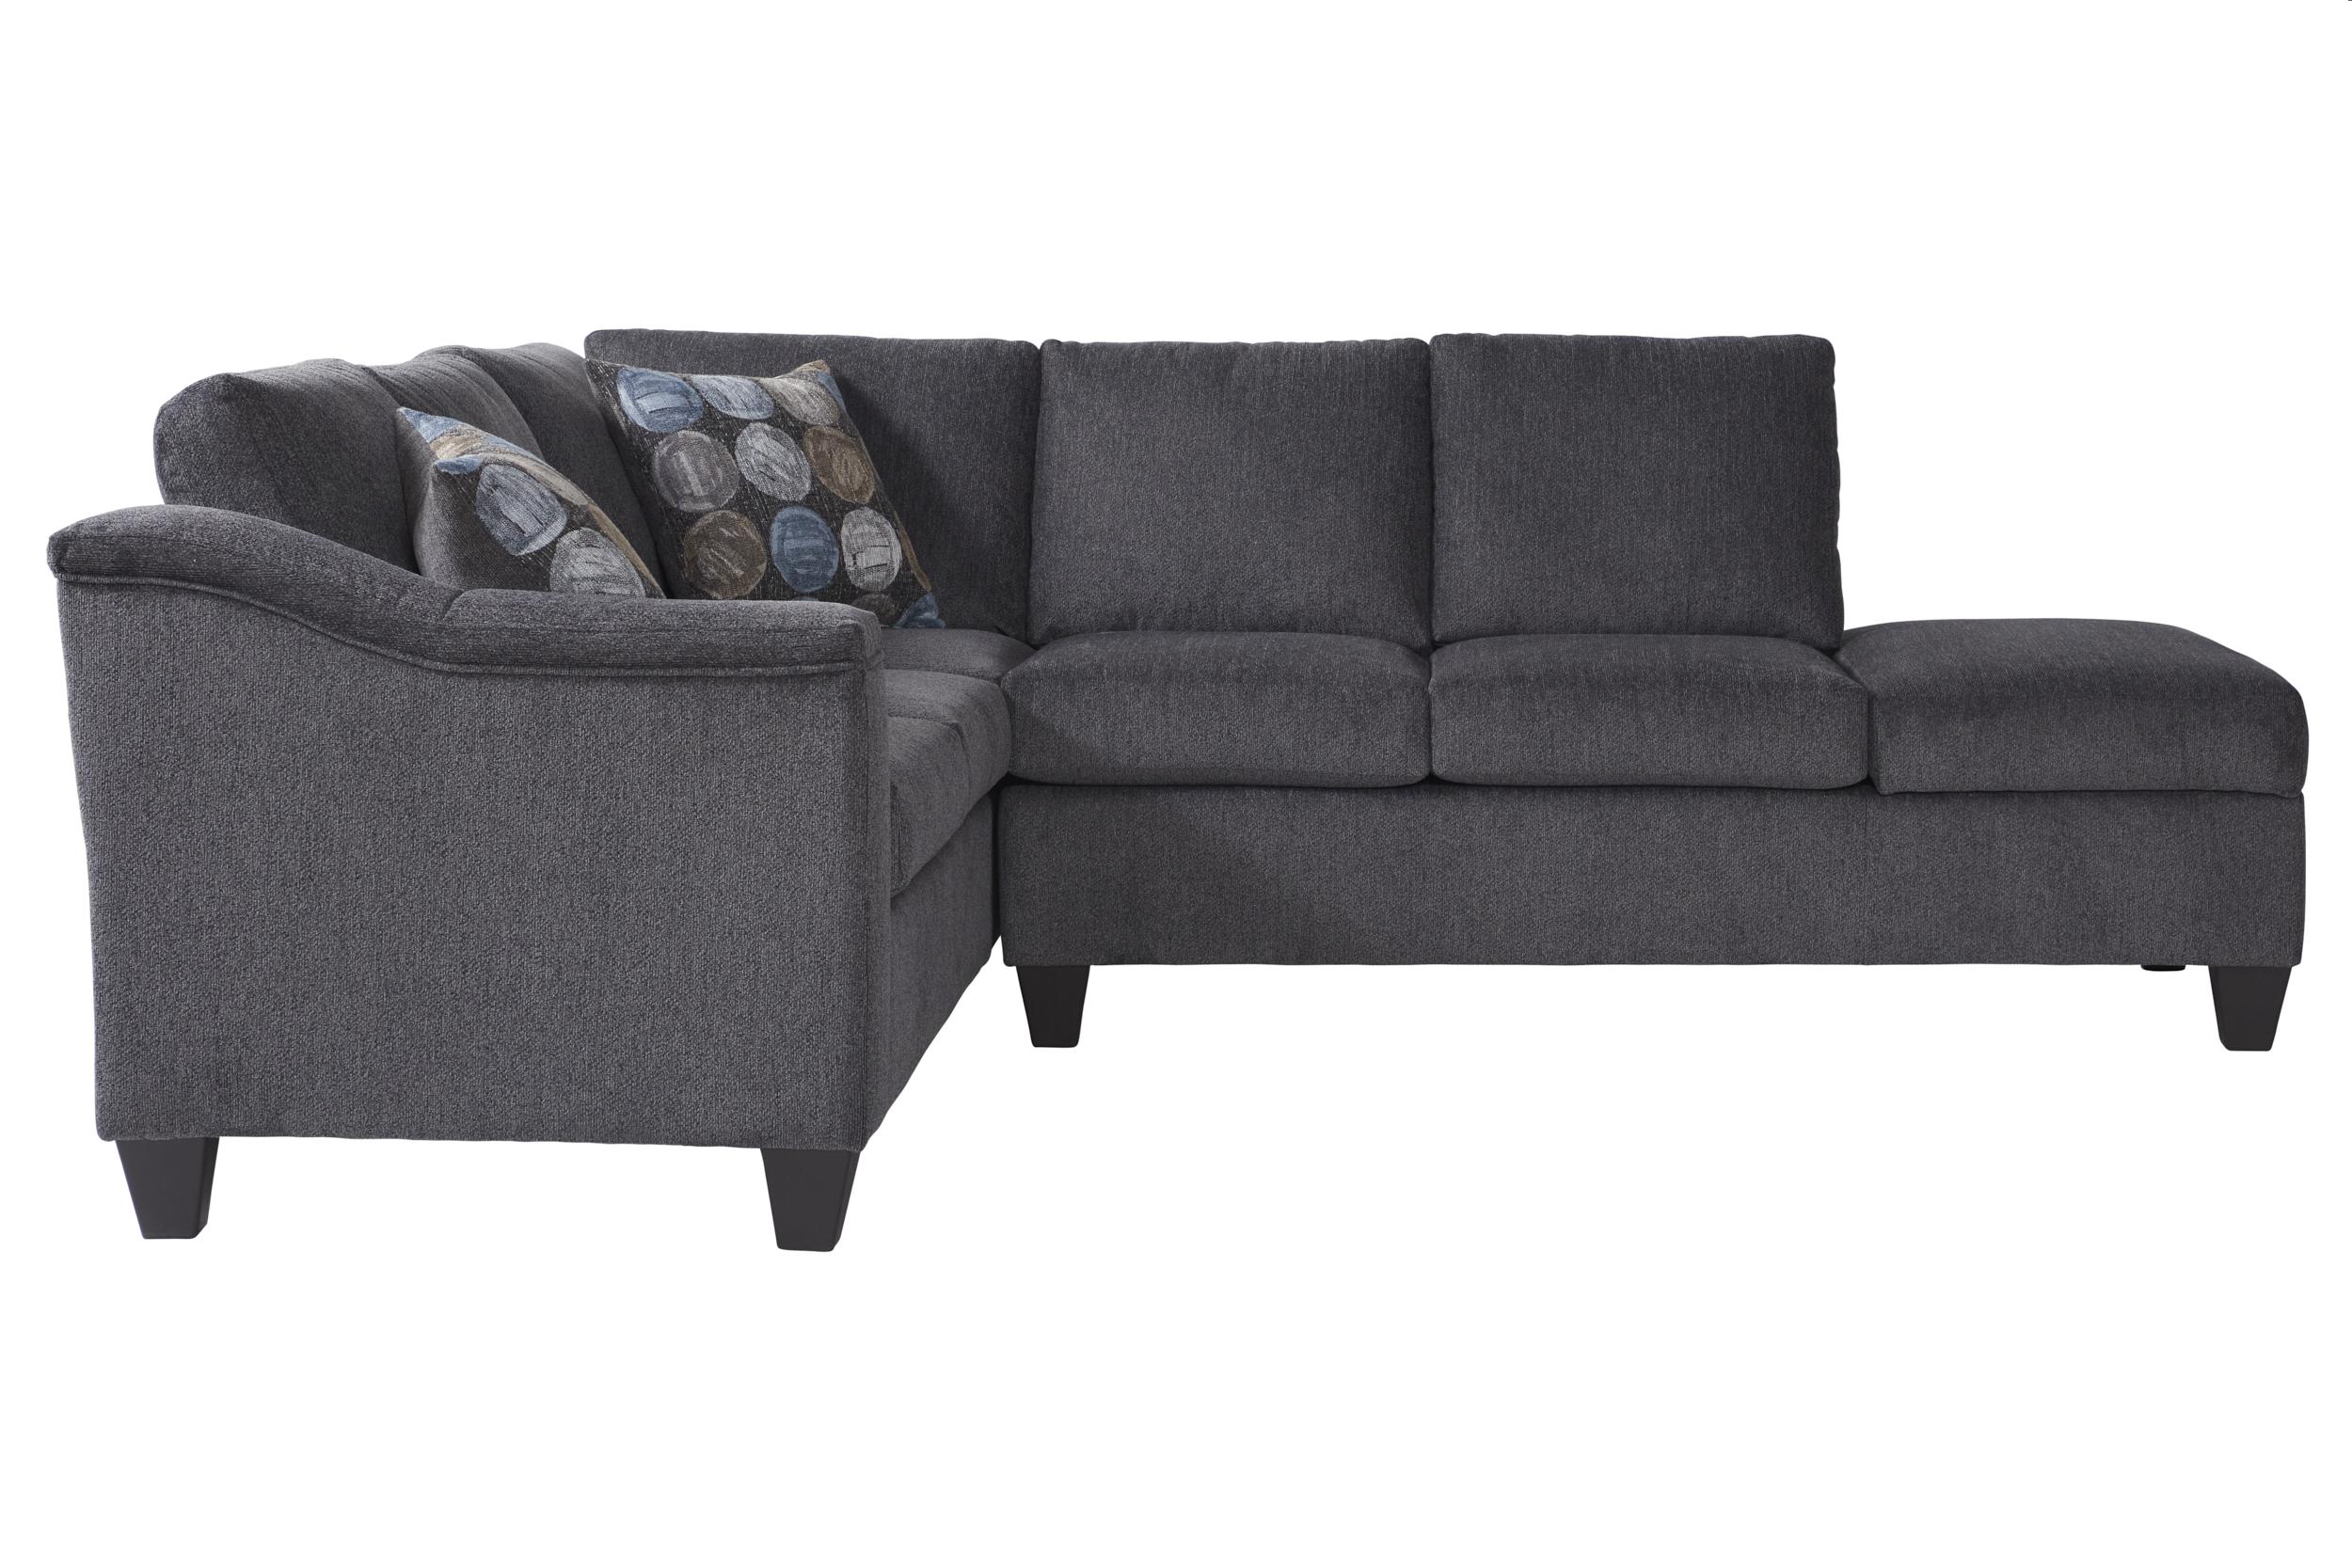 10300 LF Corner Sofa